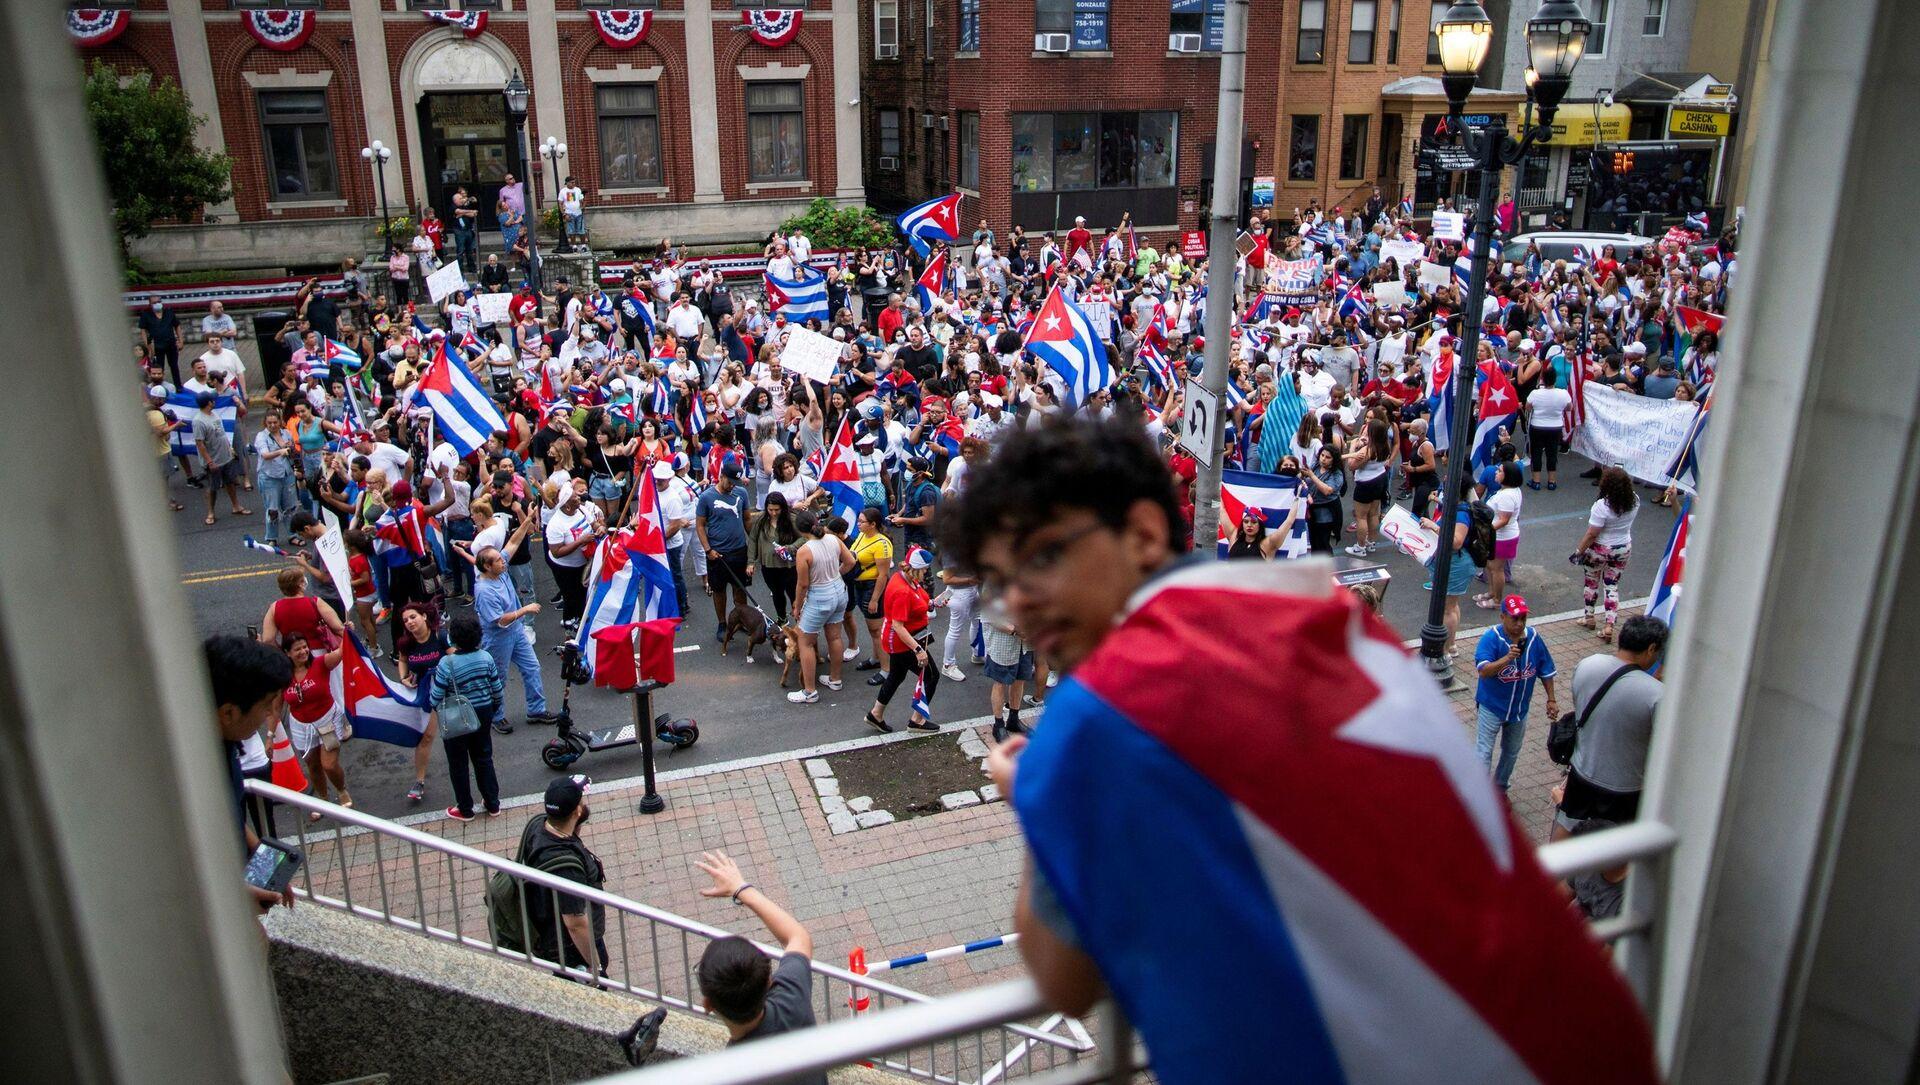 Tại New Jersey, Hoa Kỳ, thành viên của cộng đồng Cuba tuần hành và hưởng ứng thông báo về các cuộc biểu tình ở Cuba - Sputnik Việt Nam, 1920, 20.09.2021